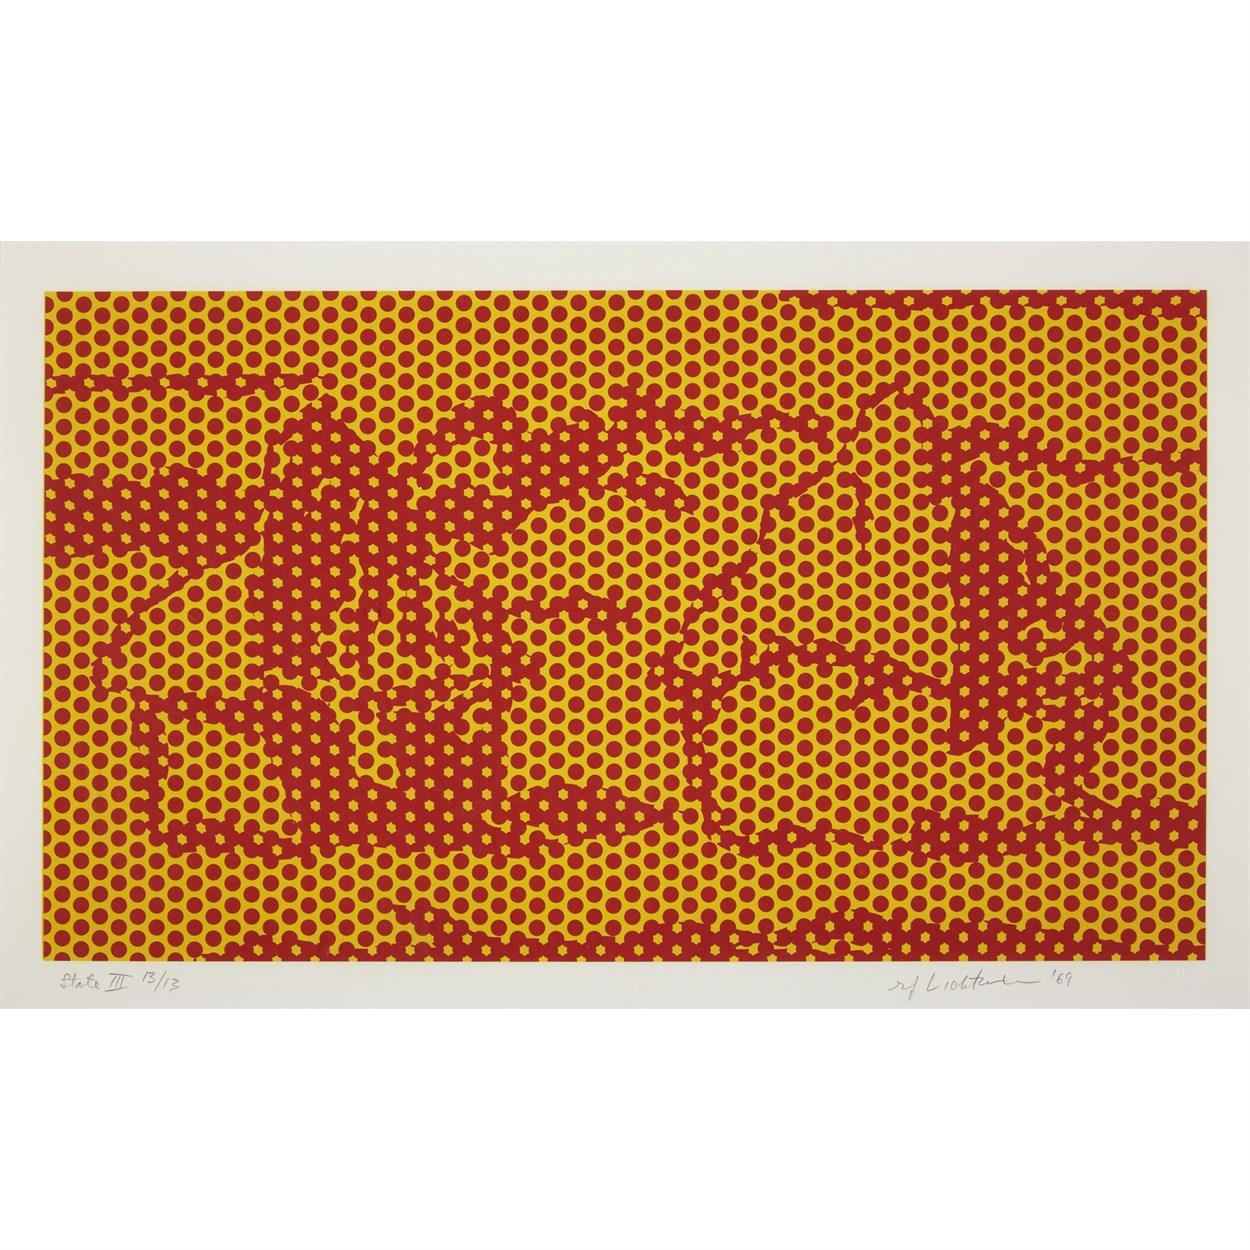 Lot 34 - Roy Lichtenstein (American, 1923-1997)